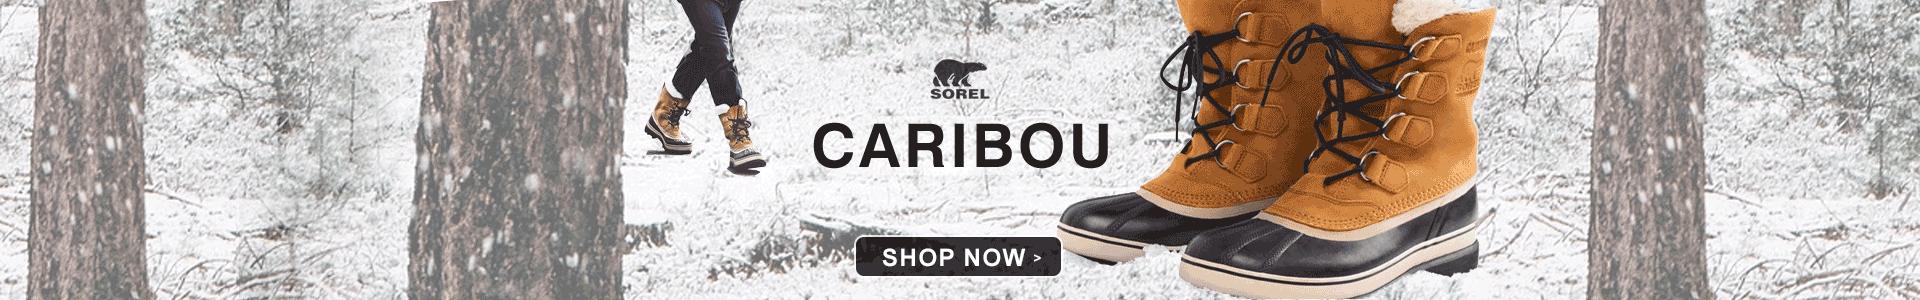 Shop Caribou